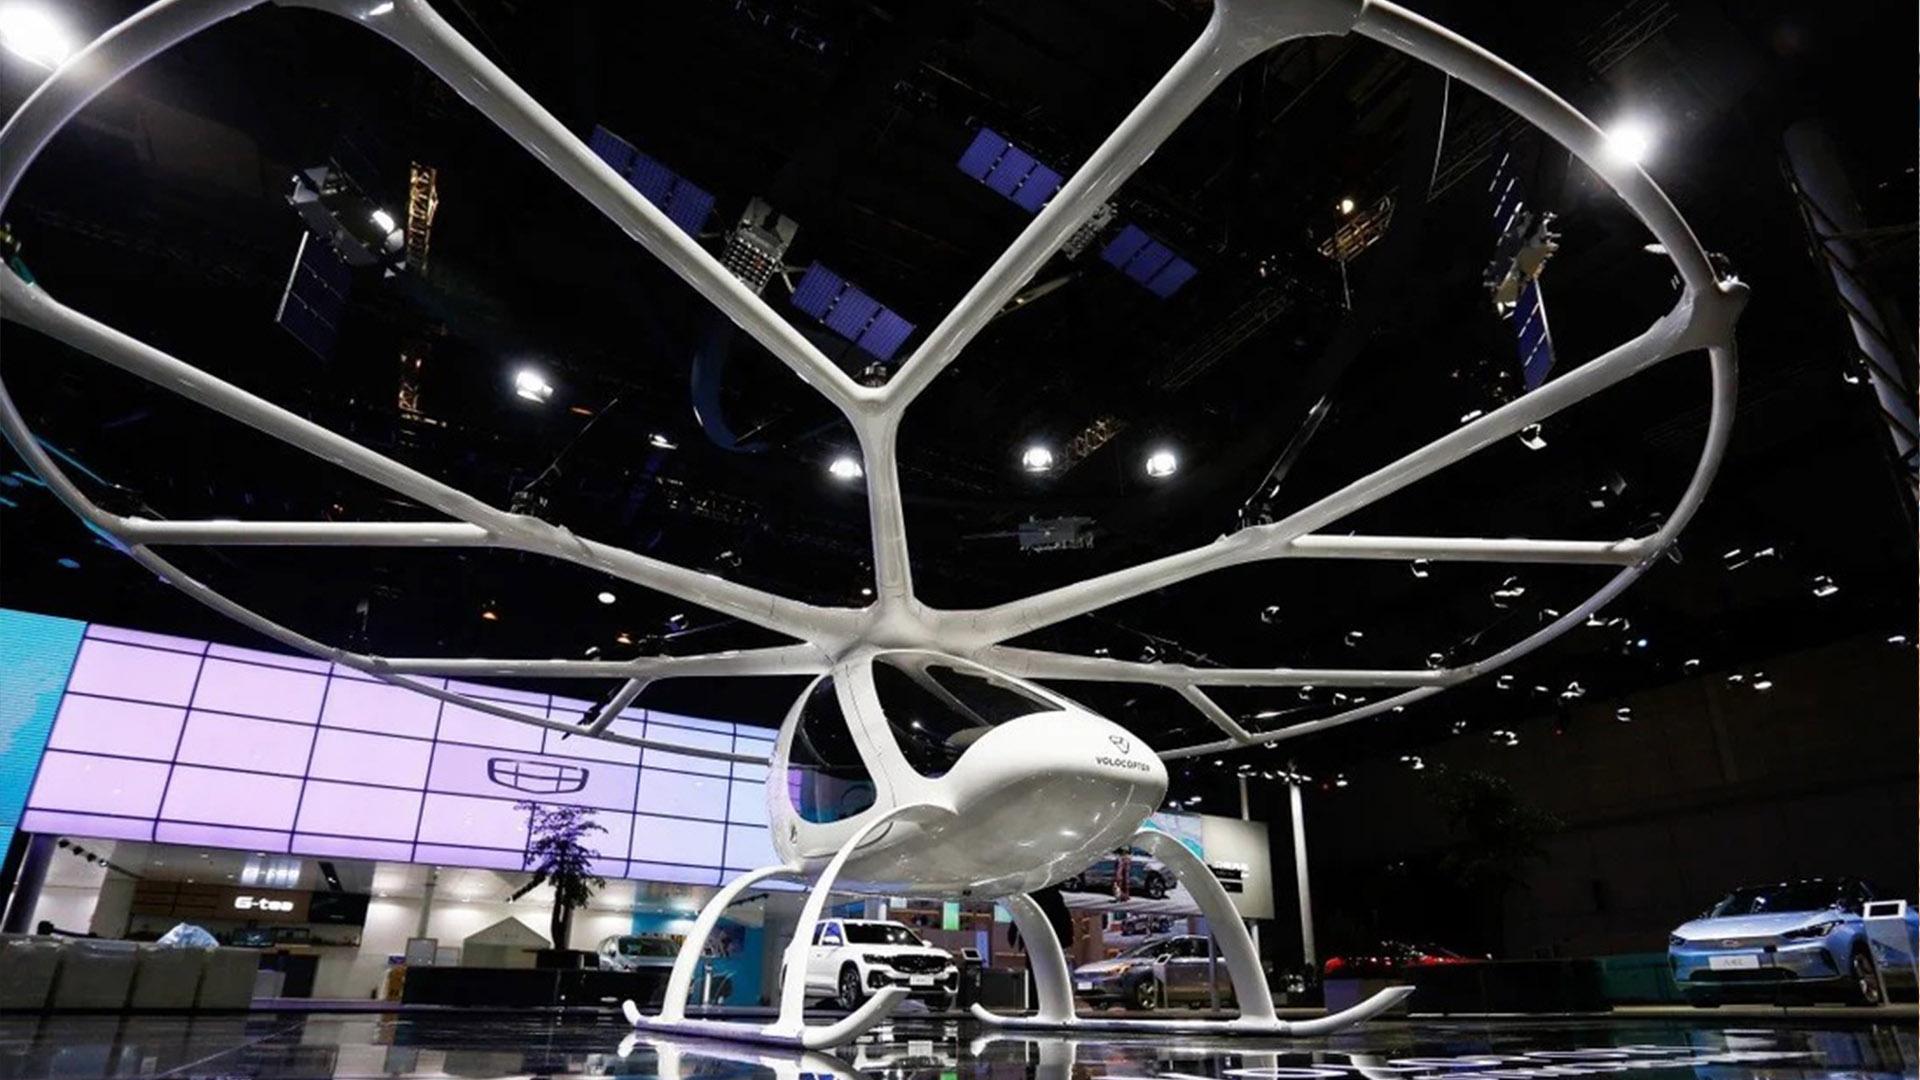 Немецкая компания аэротакси Volocopter рассматривает возможность расширения в Китае в партнерстве с Geely